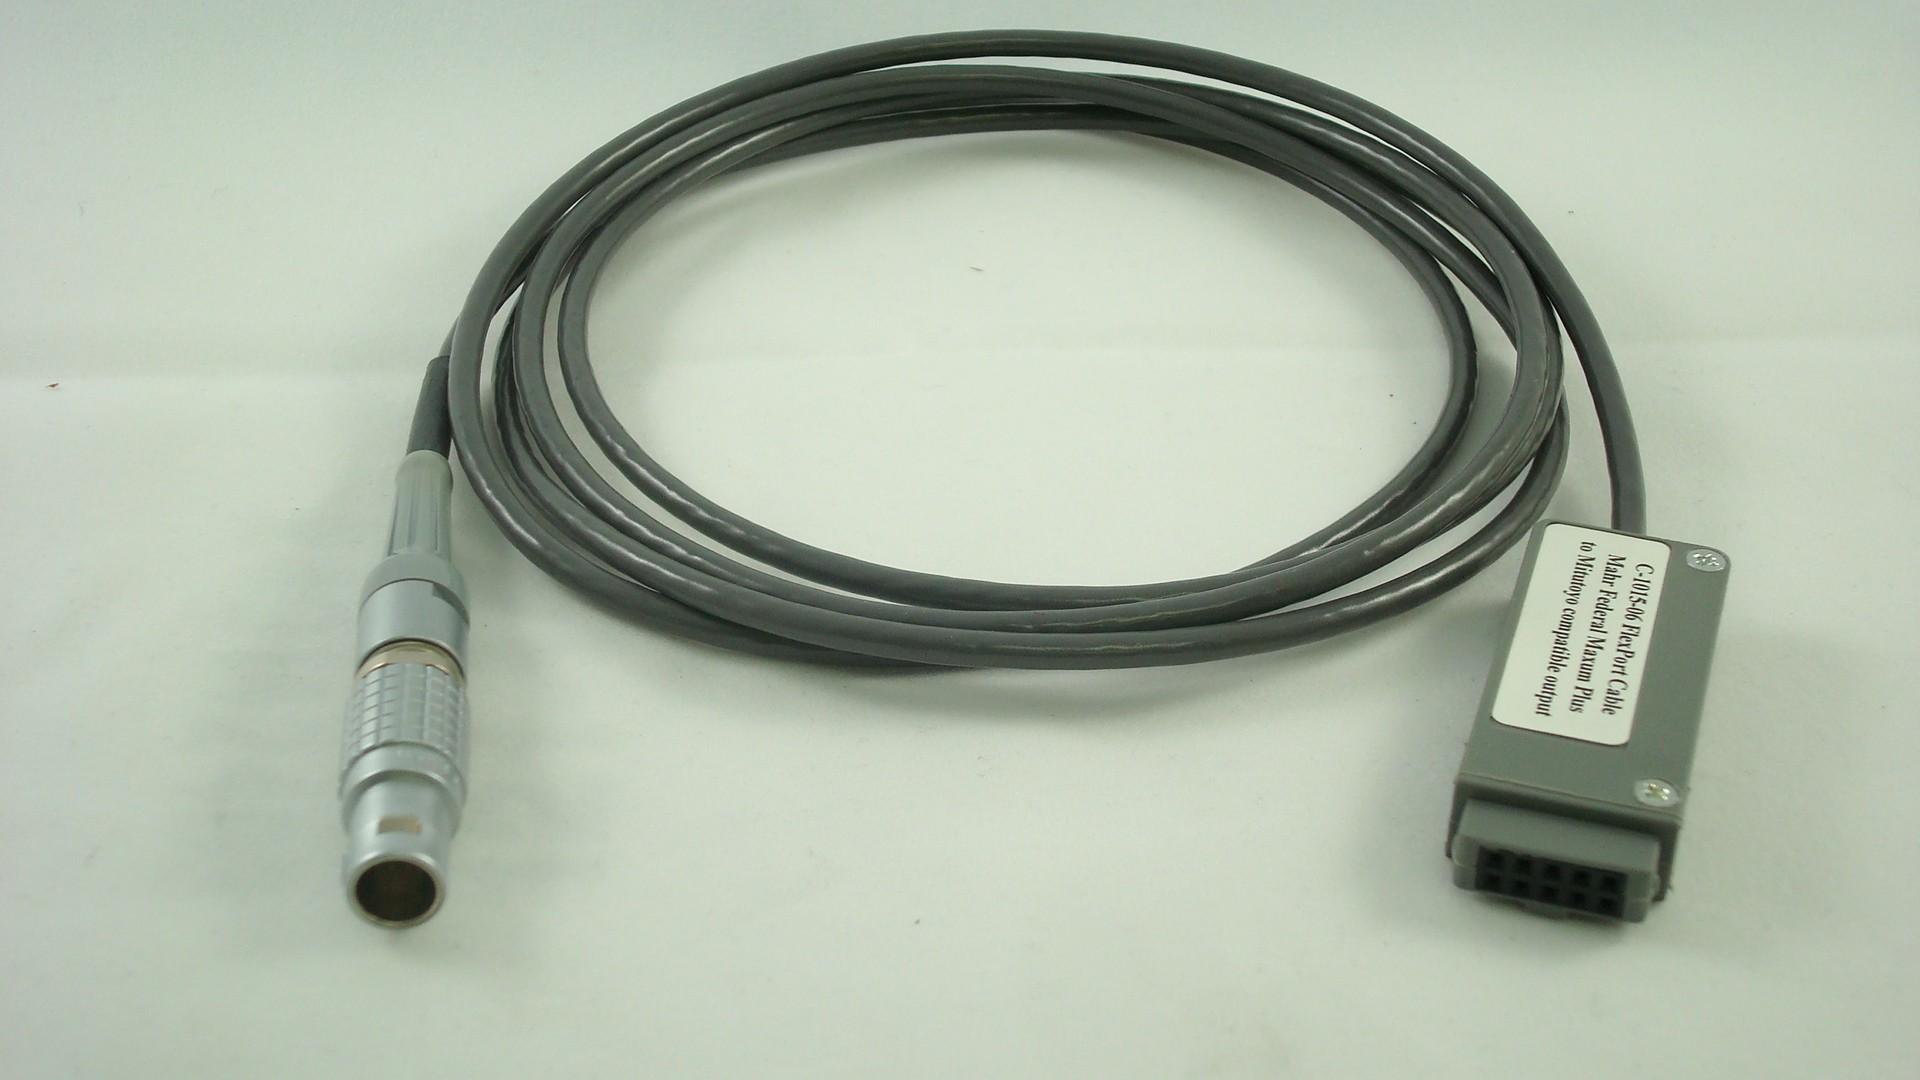 C-1015-06 Mahr Federal Maxum PLUS Indicator (10-pin Lemo) to Digimatic (6 ft)